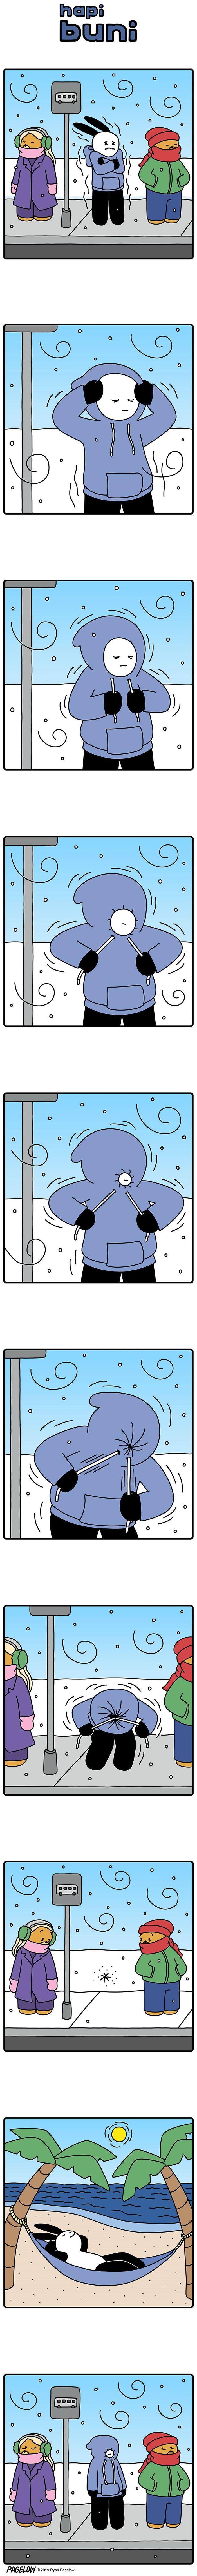 Утеплился Buni, Pagelow, Зима, Холодно, Утепление, Комиксы, Длиннопост